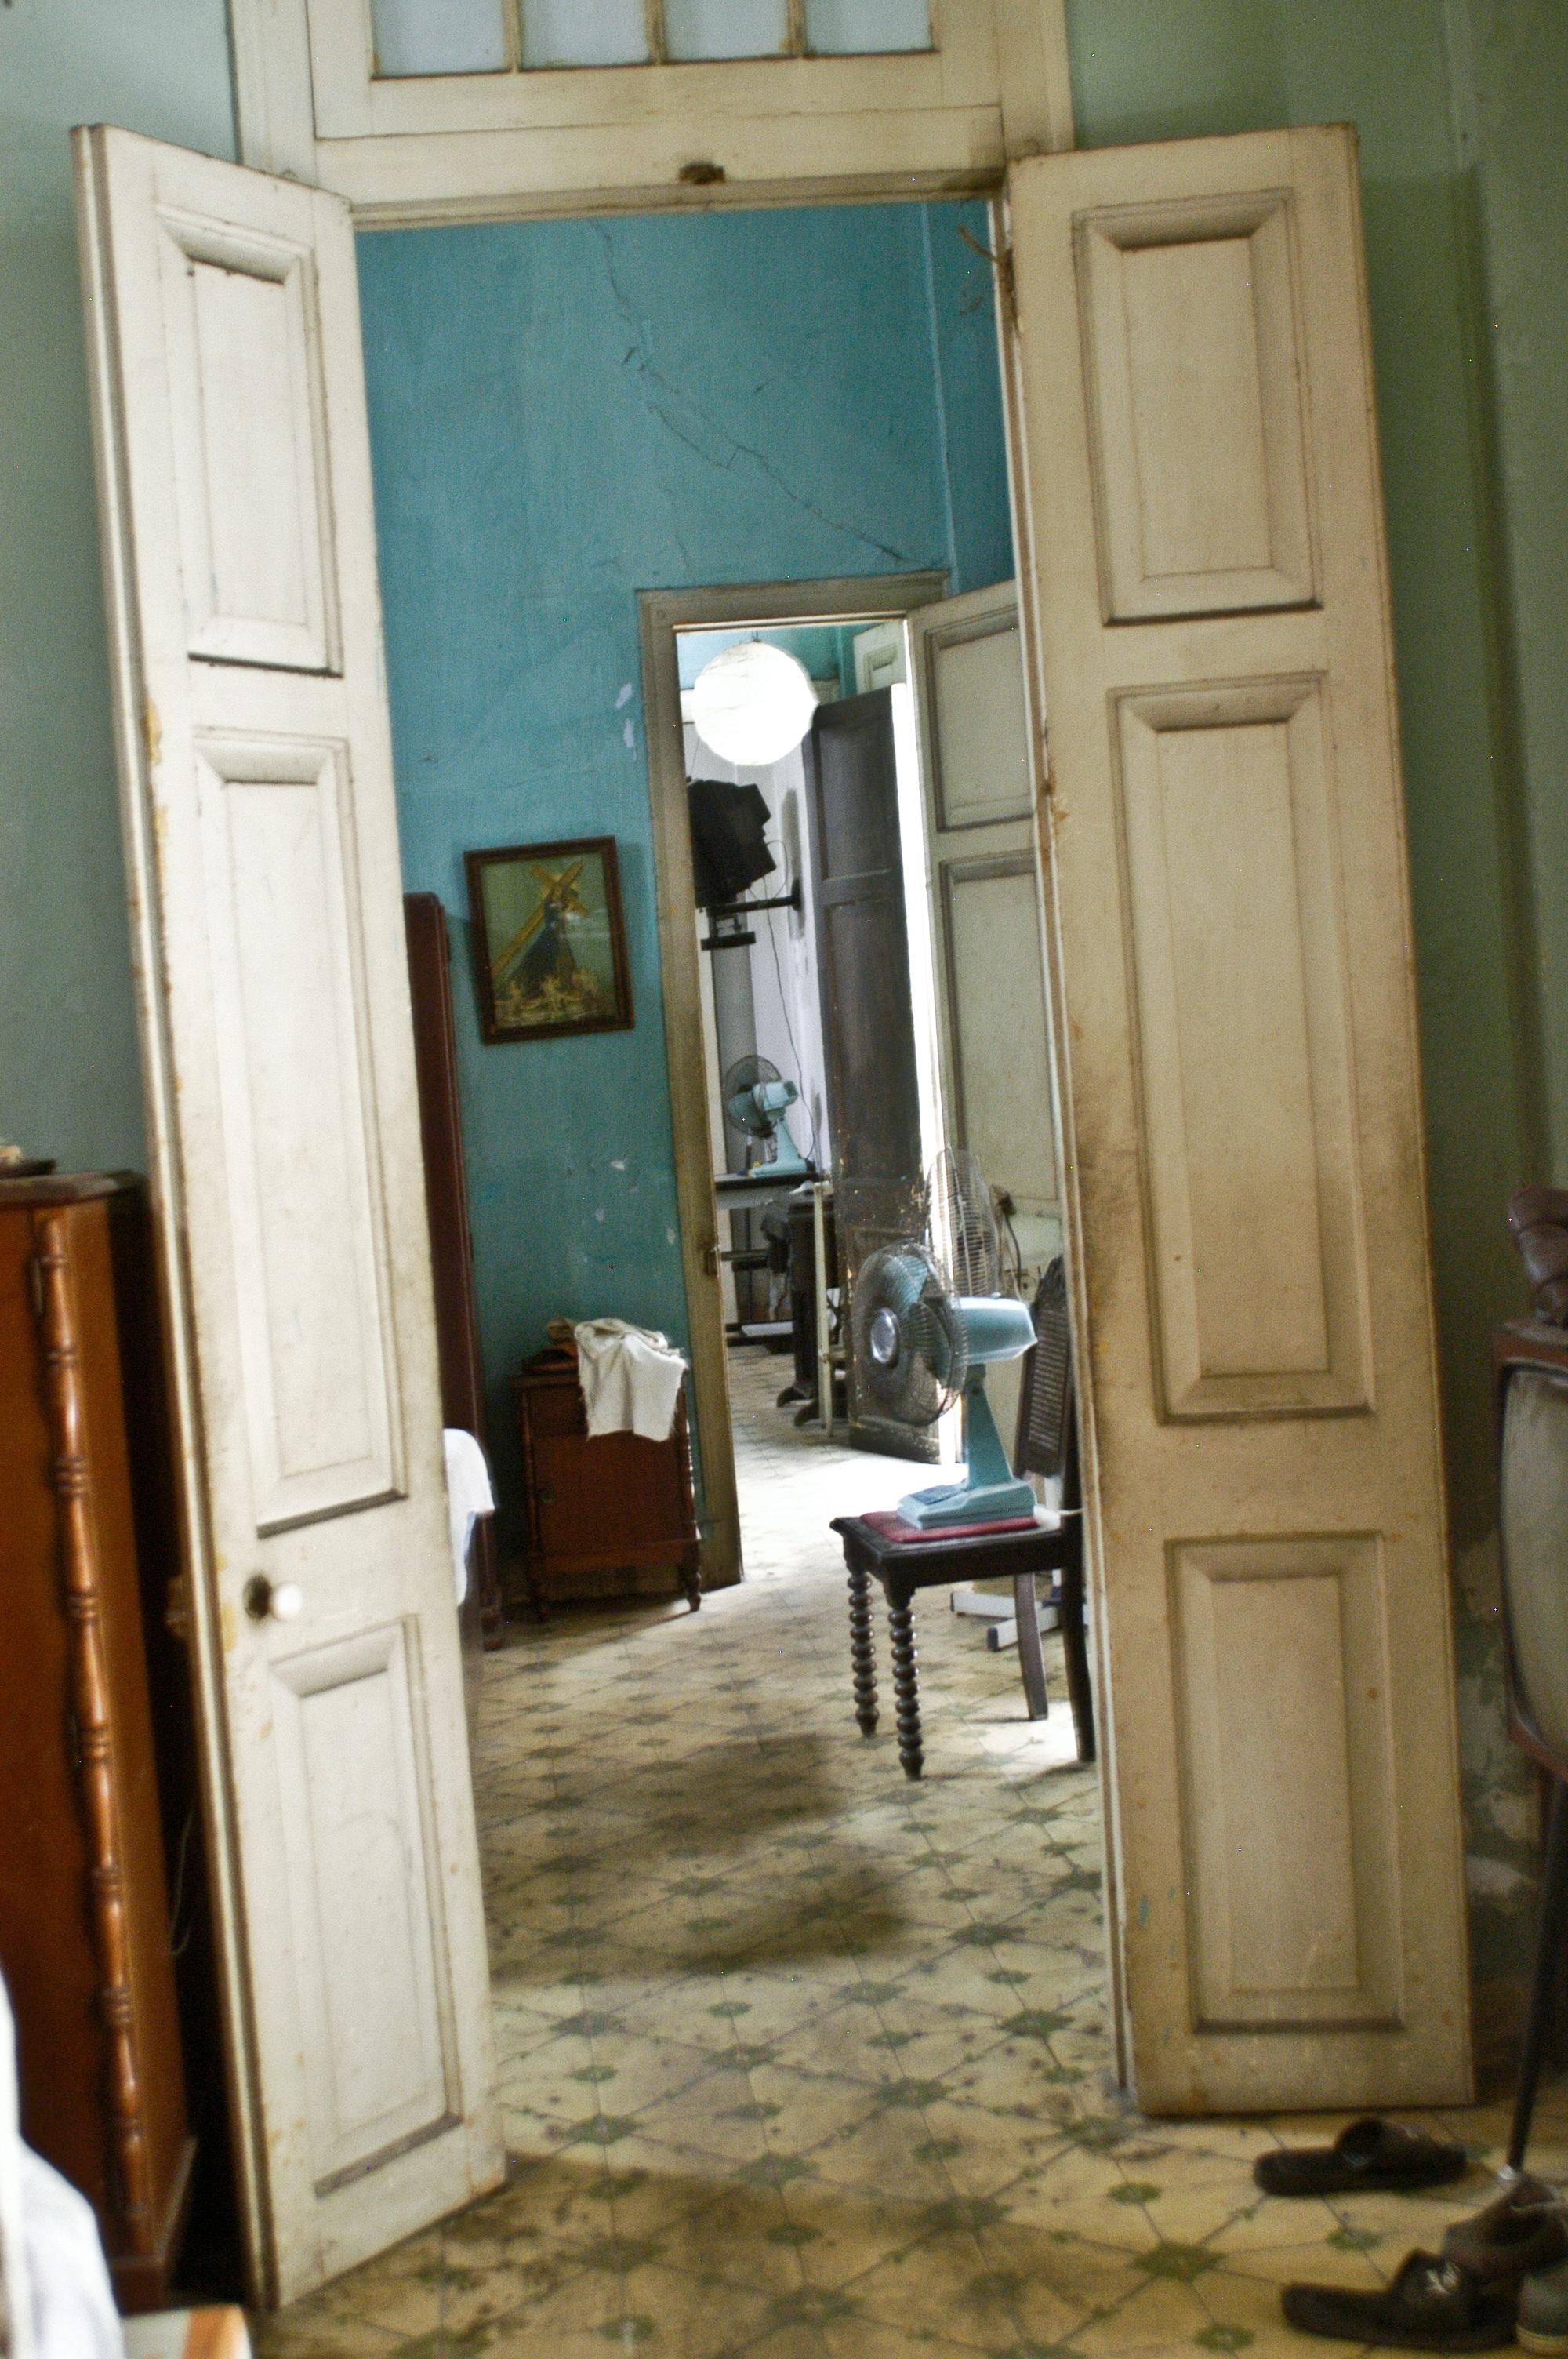 Fotos Gratis Madera Casa Piso Ventana Antiguo Sala Caba A  # Muebles Soledad